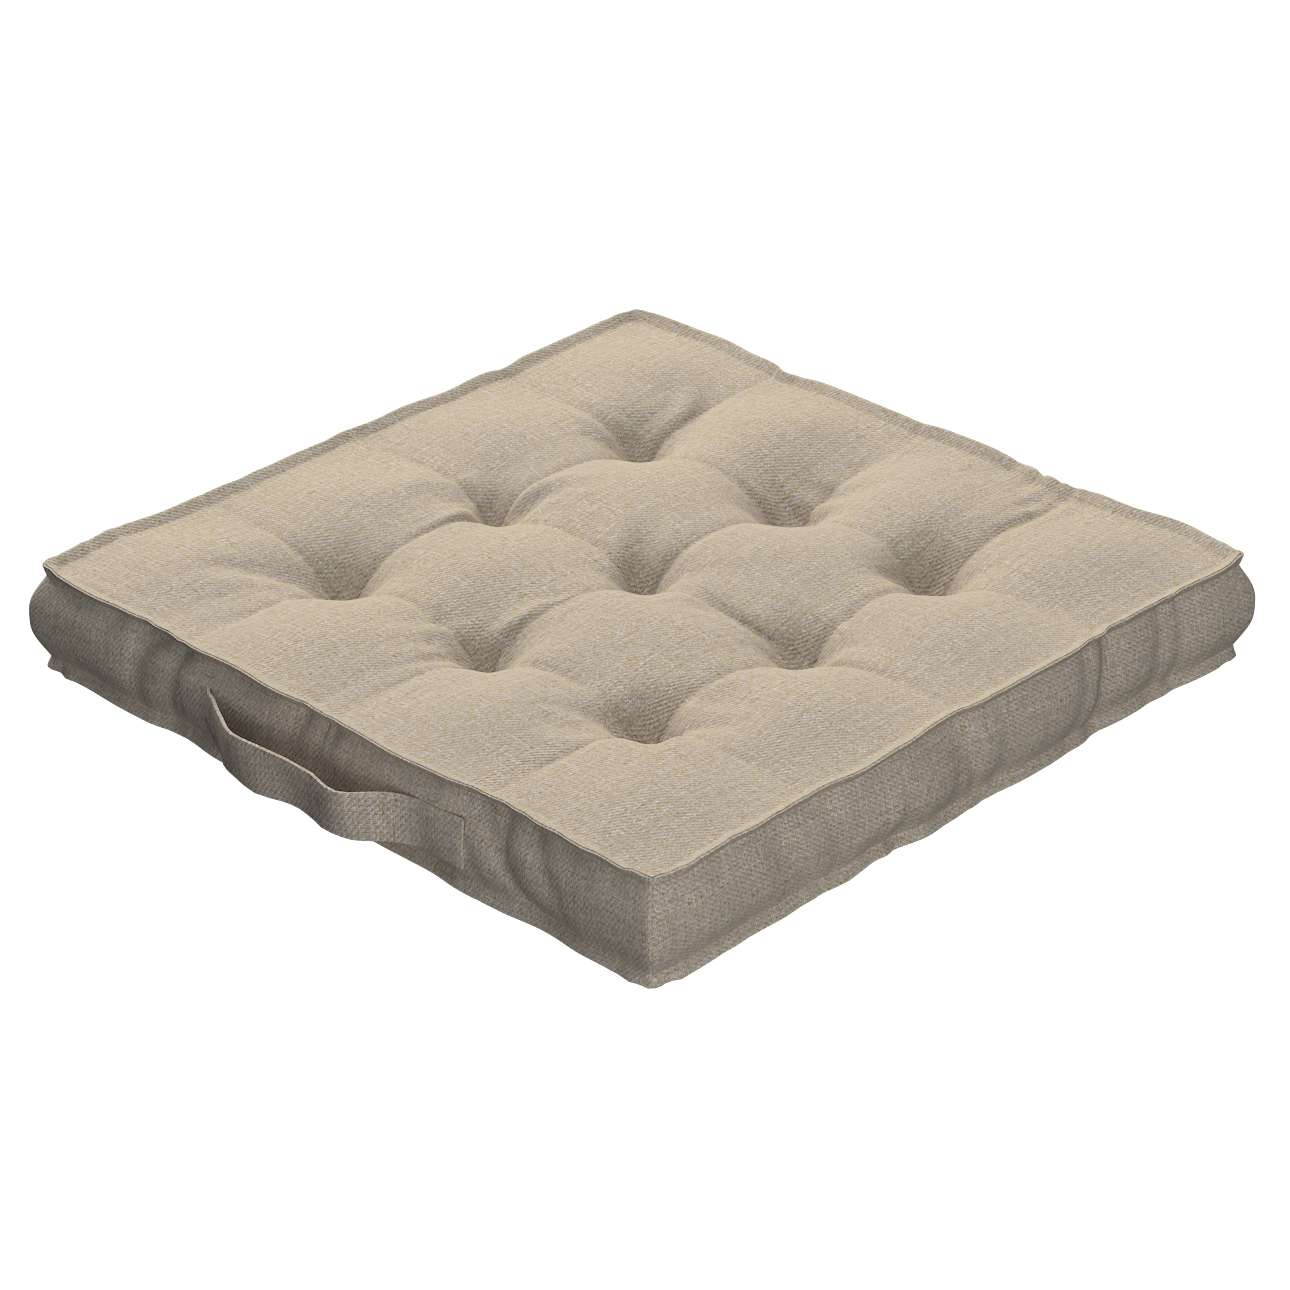 Pagalvėlė Kuba kėdei/ant grindų 40 x 40 x 6 cm kolekcijoje Edinburgh , audinys: 115-78